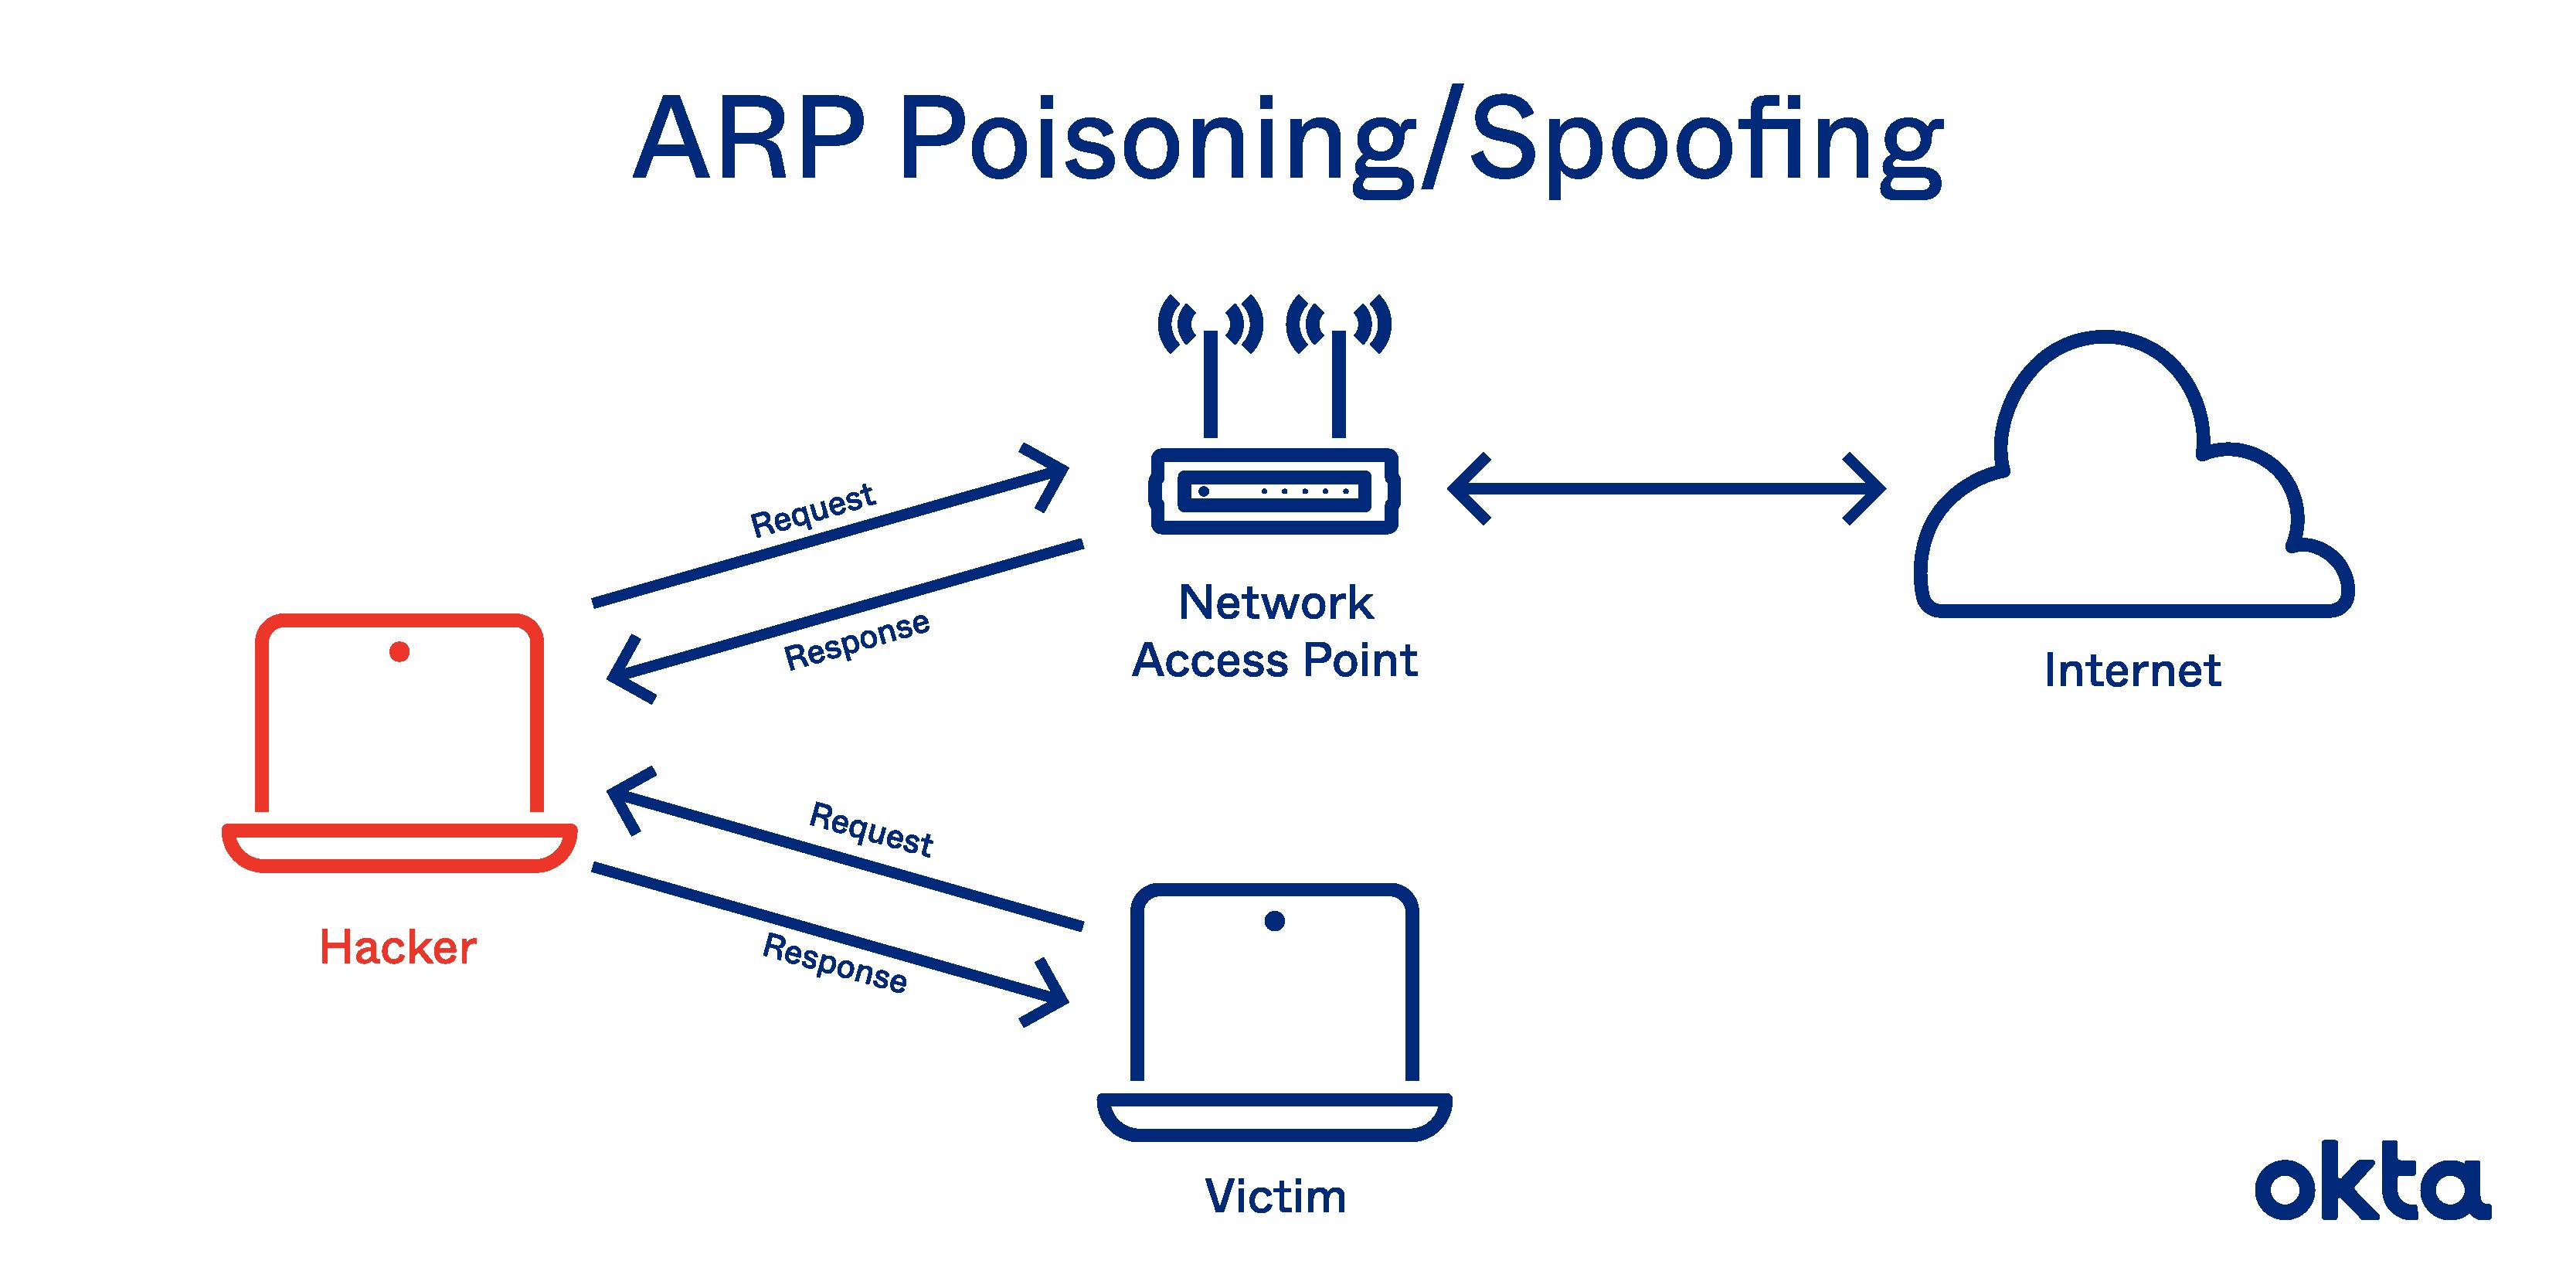 ARP-Poisoning/ARP-Spoofing